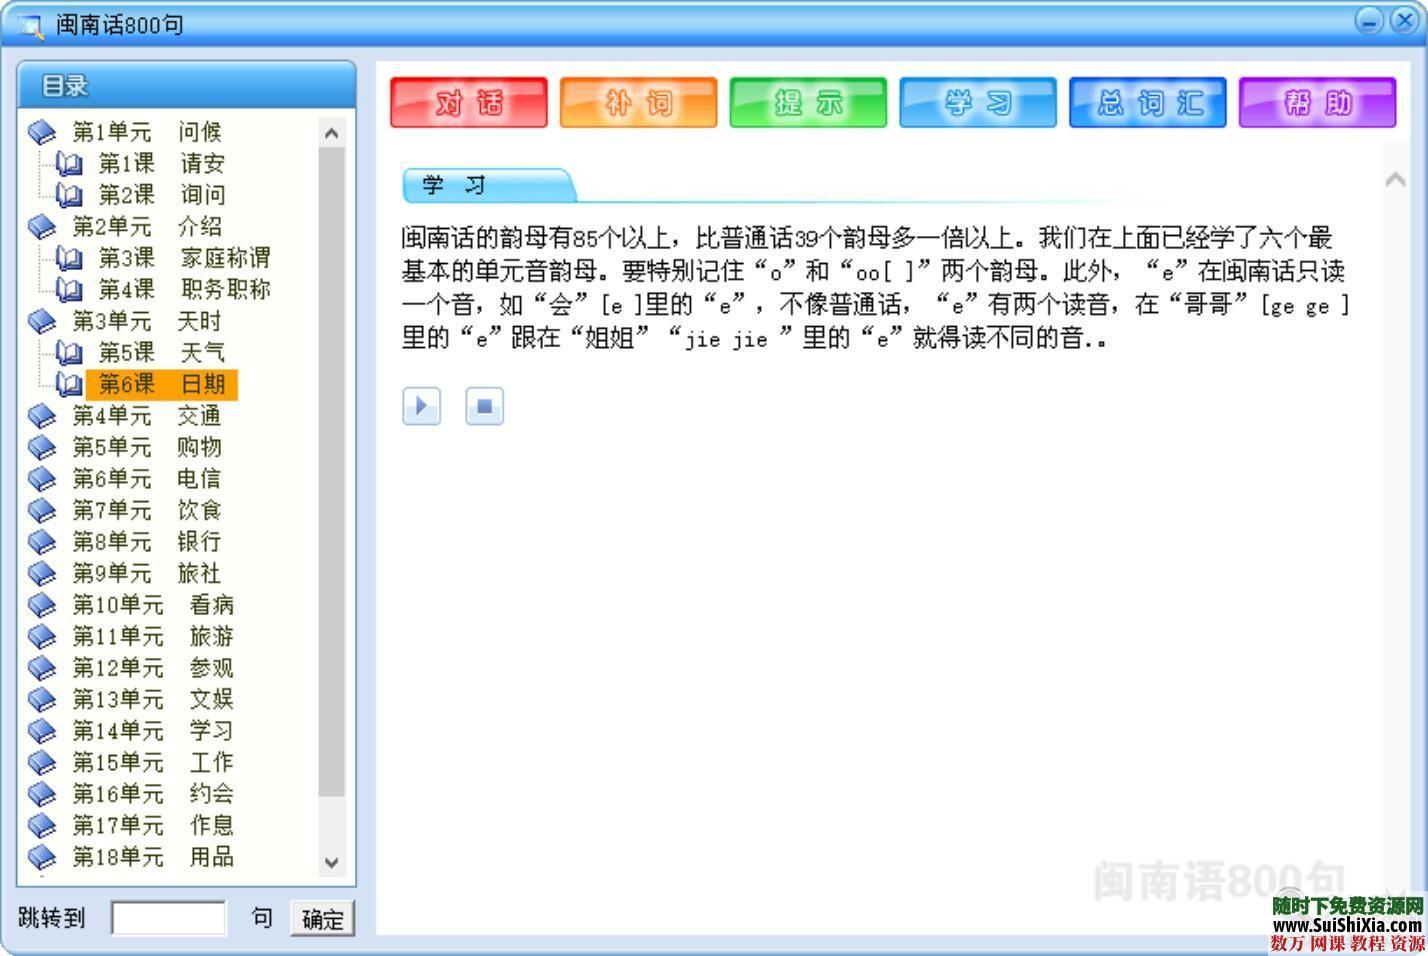 零基础闽南语泉州话厦门话台湾话教程资料全套大量MP3教学速成软件800句 第18张